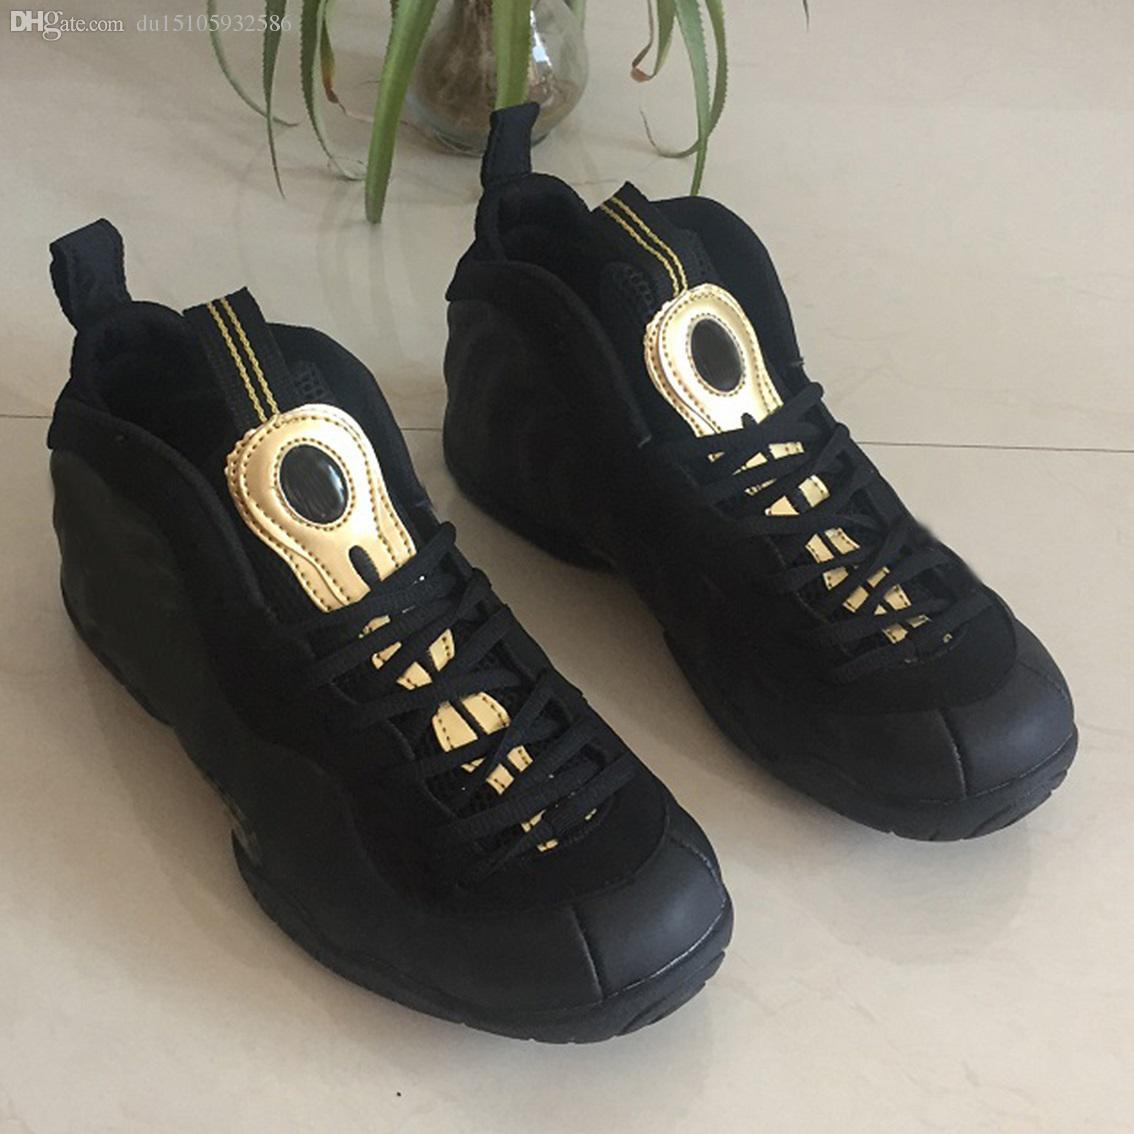 Neueste schwarze Gold Penny Hardaway Männer beiläufige Schuhe 624041-009 Metallic-Schaum ein Herren Jogging-Schuhe Größe 40-47